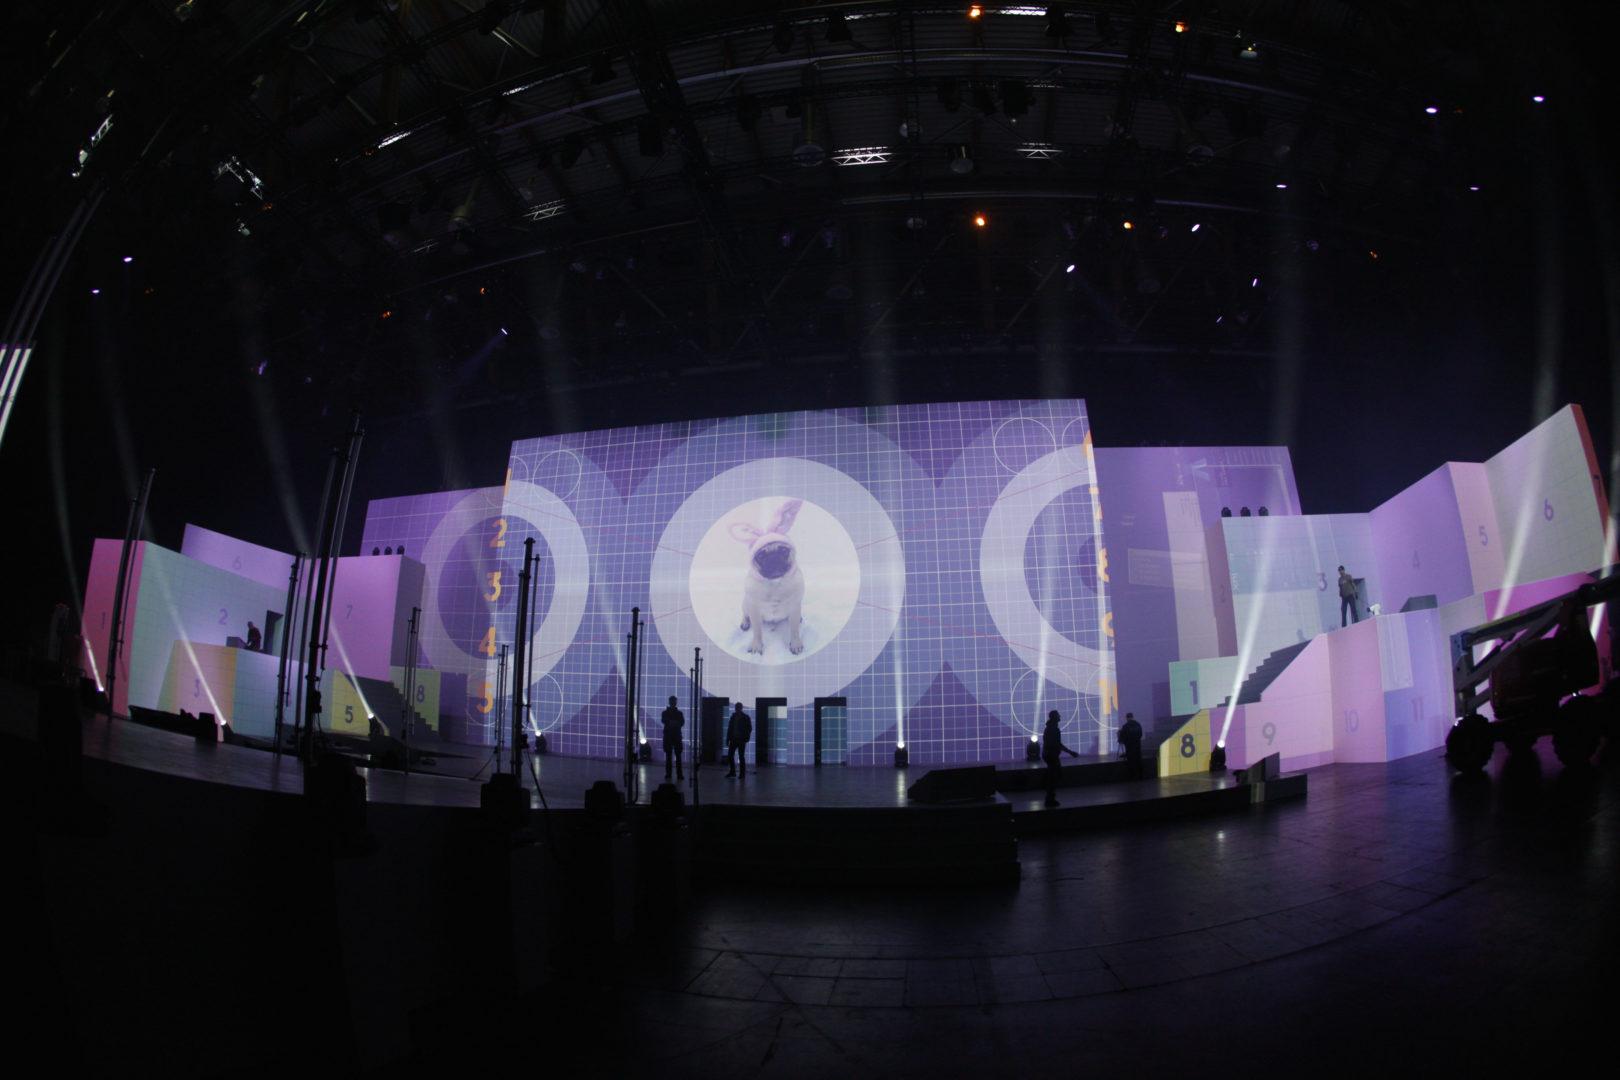 2D & 3D Event-Video-Mapping – oben eine planare Fläche, unten eine 3D-Struktur mit verschiedenen Ebenen